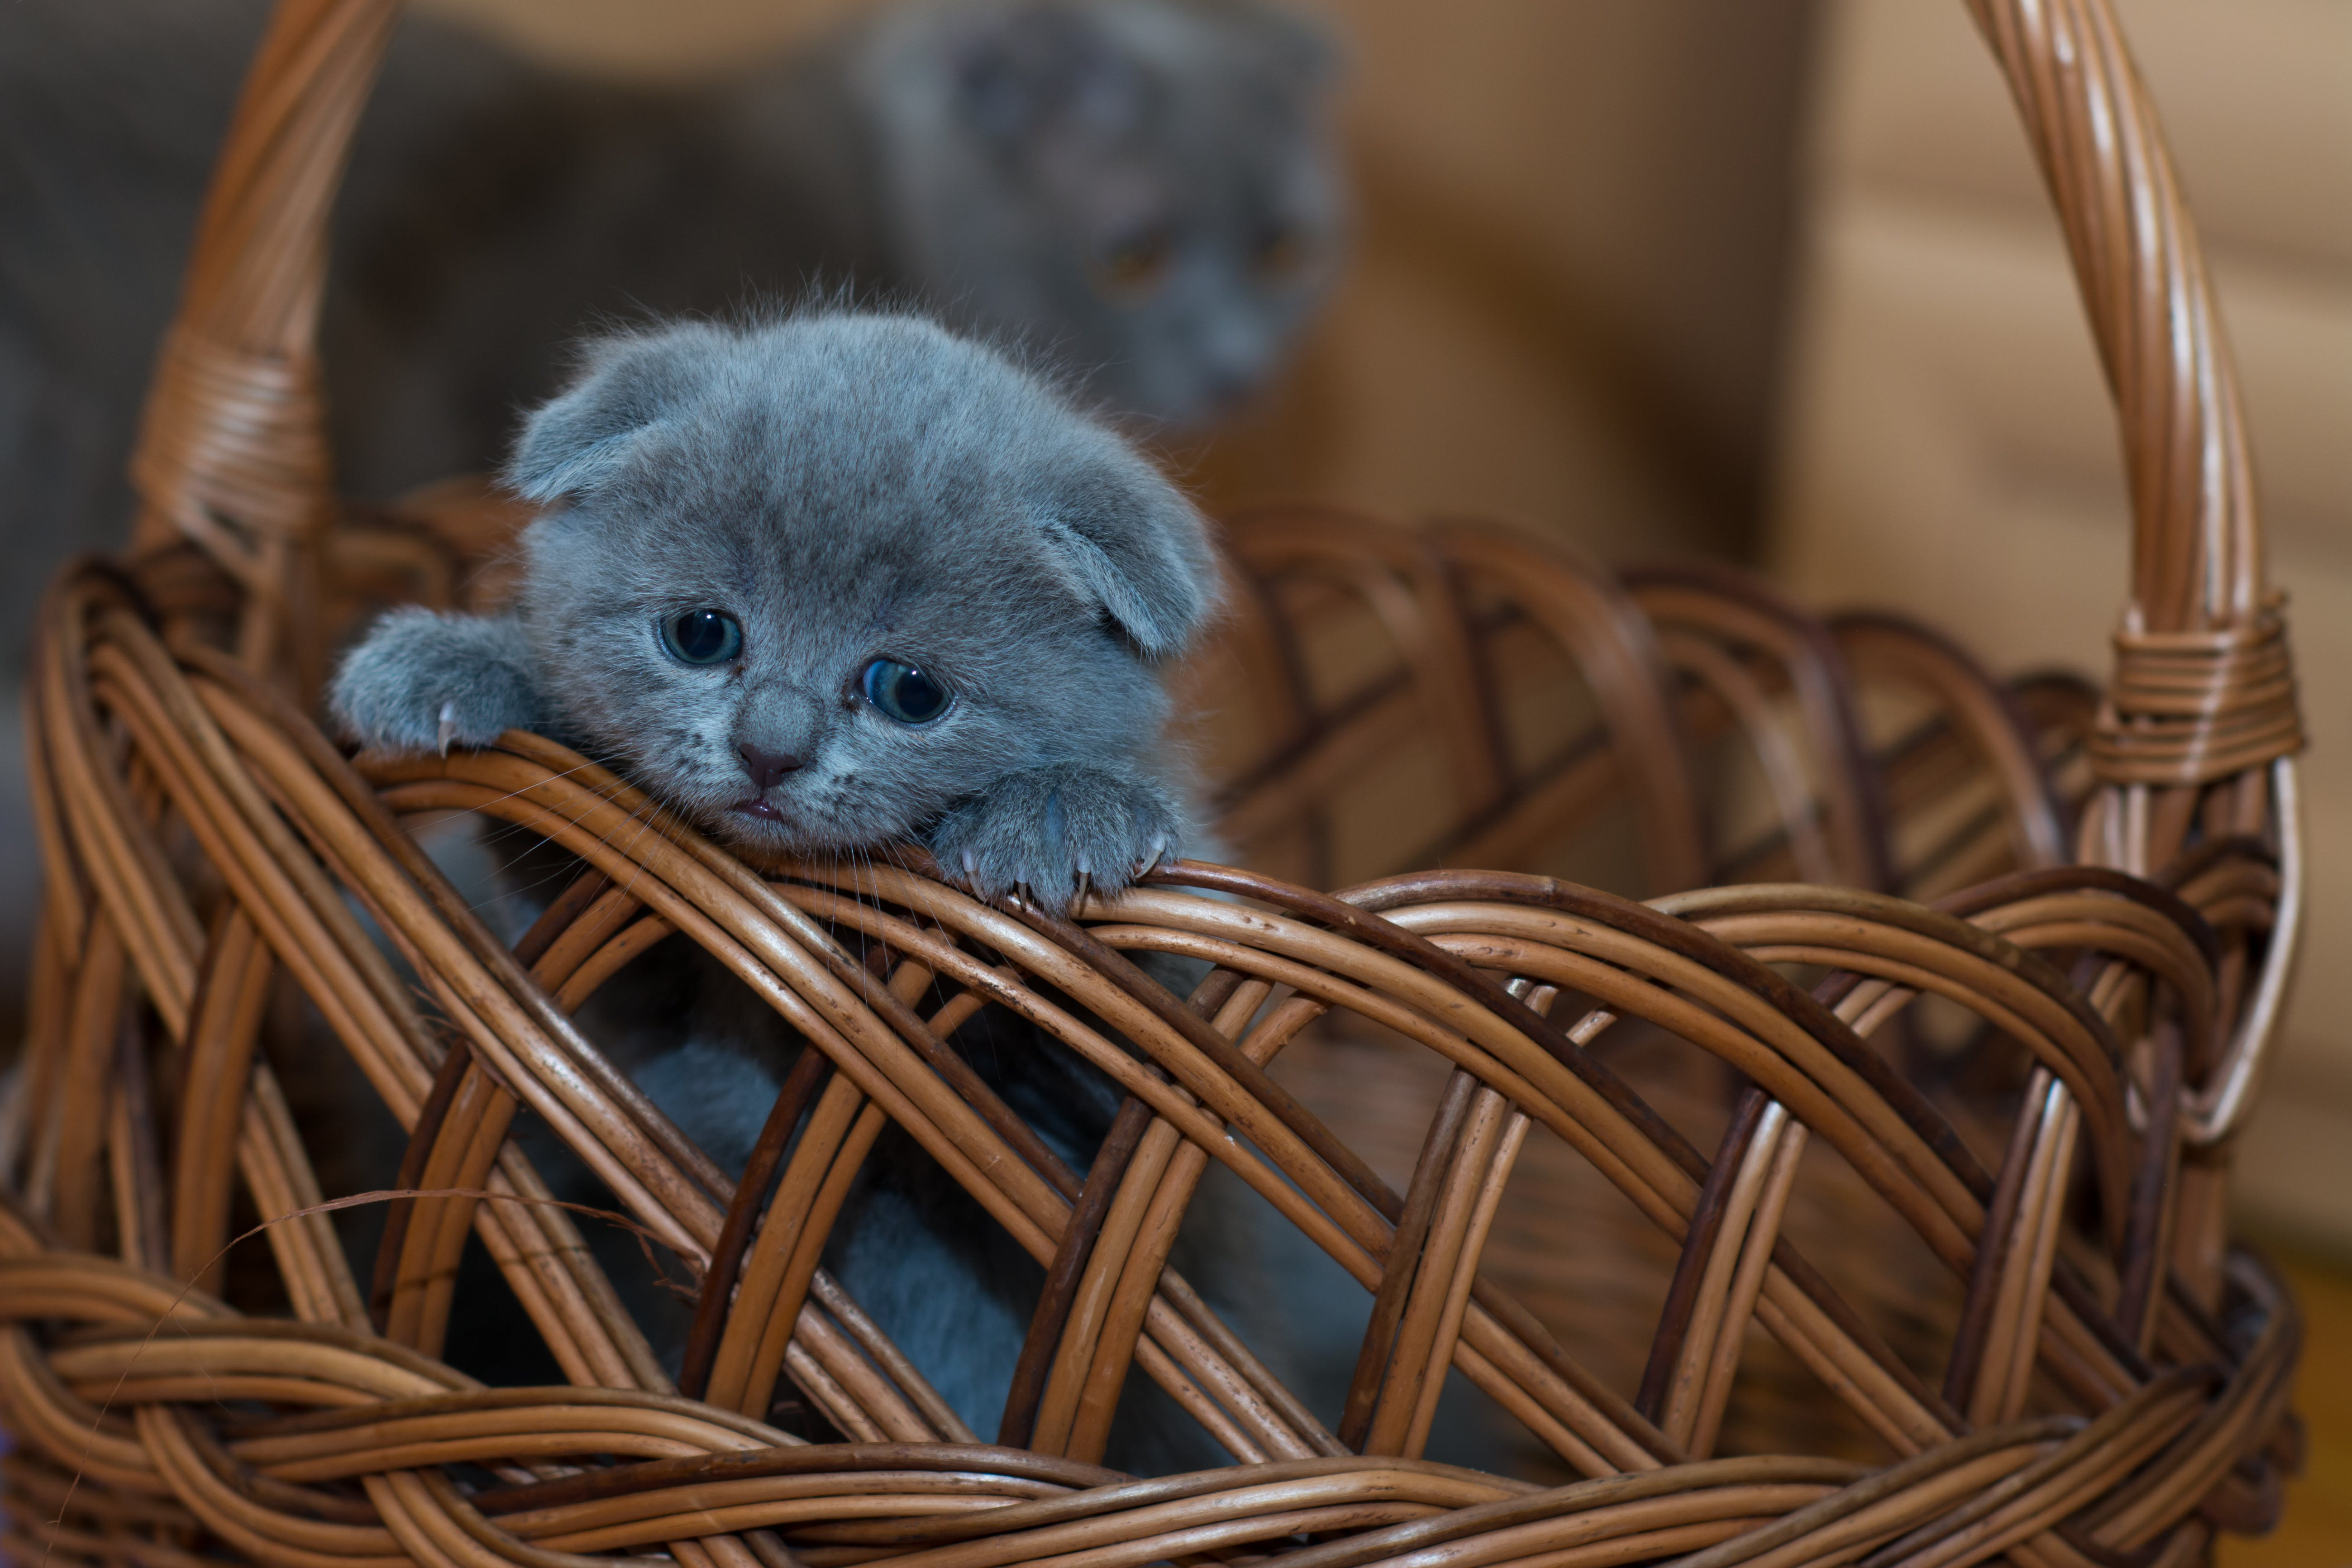 Russian Blue Kitten on Brown Woven Basket